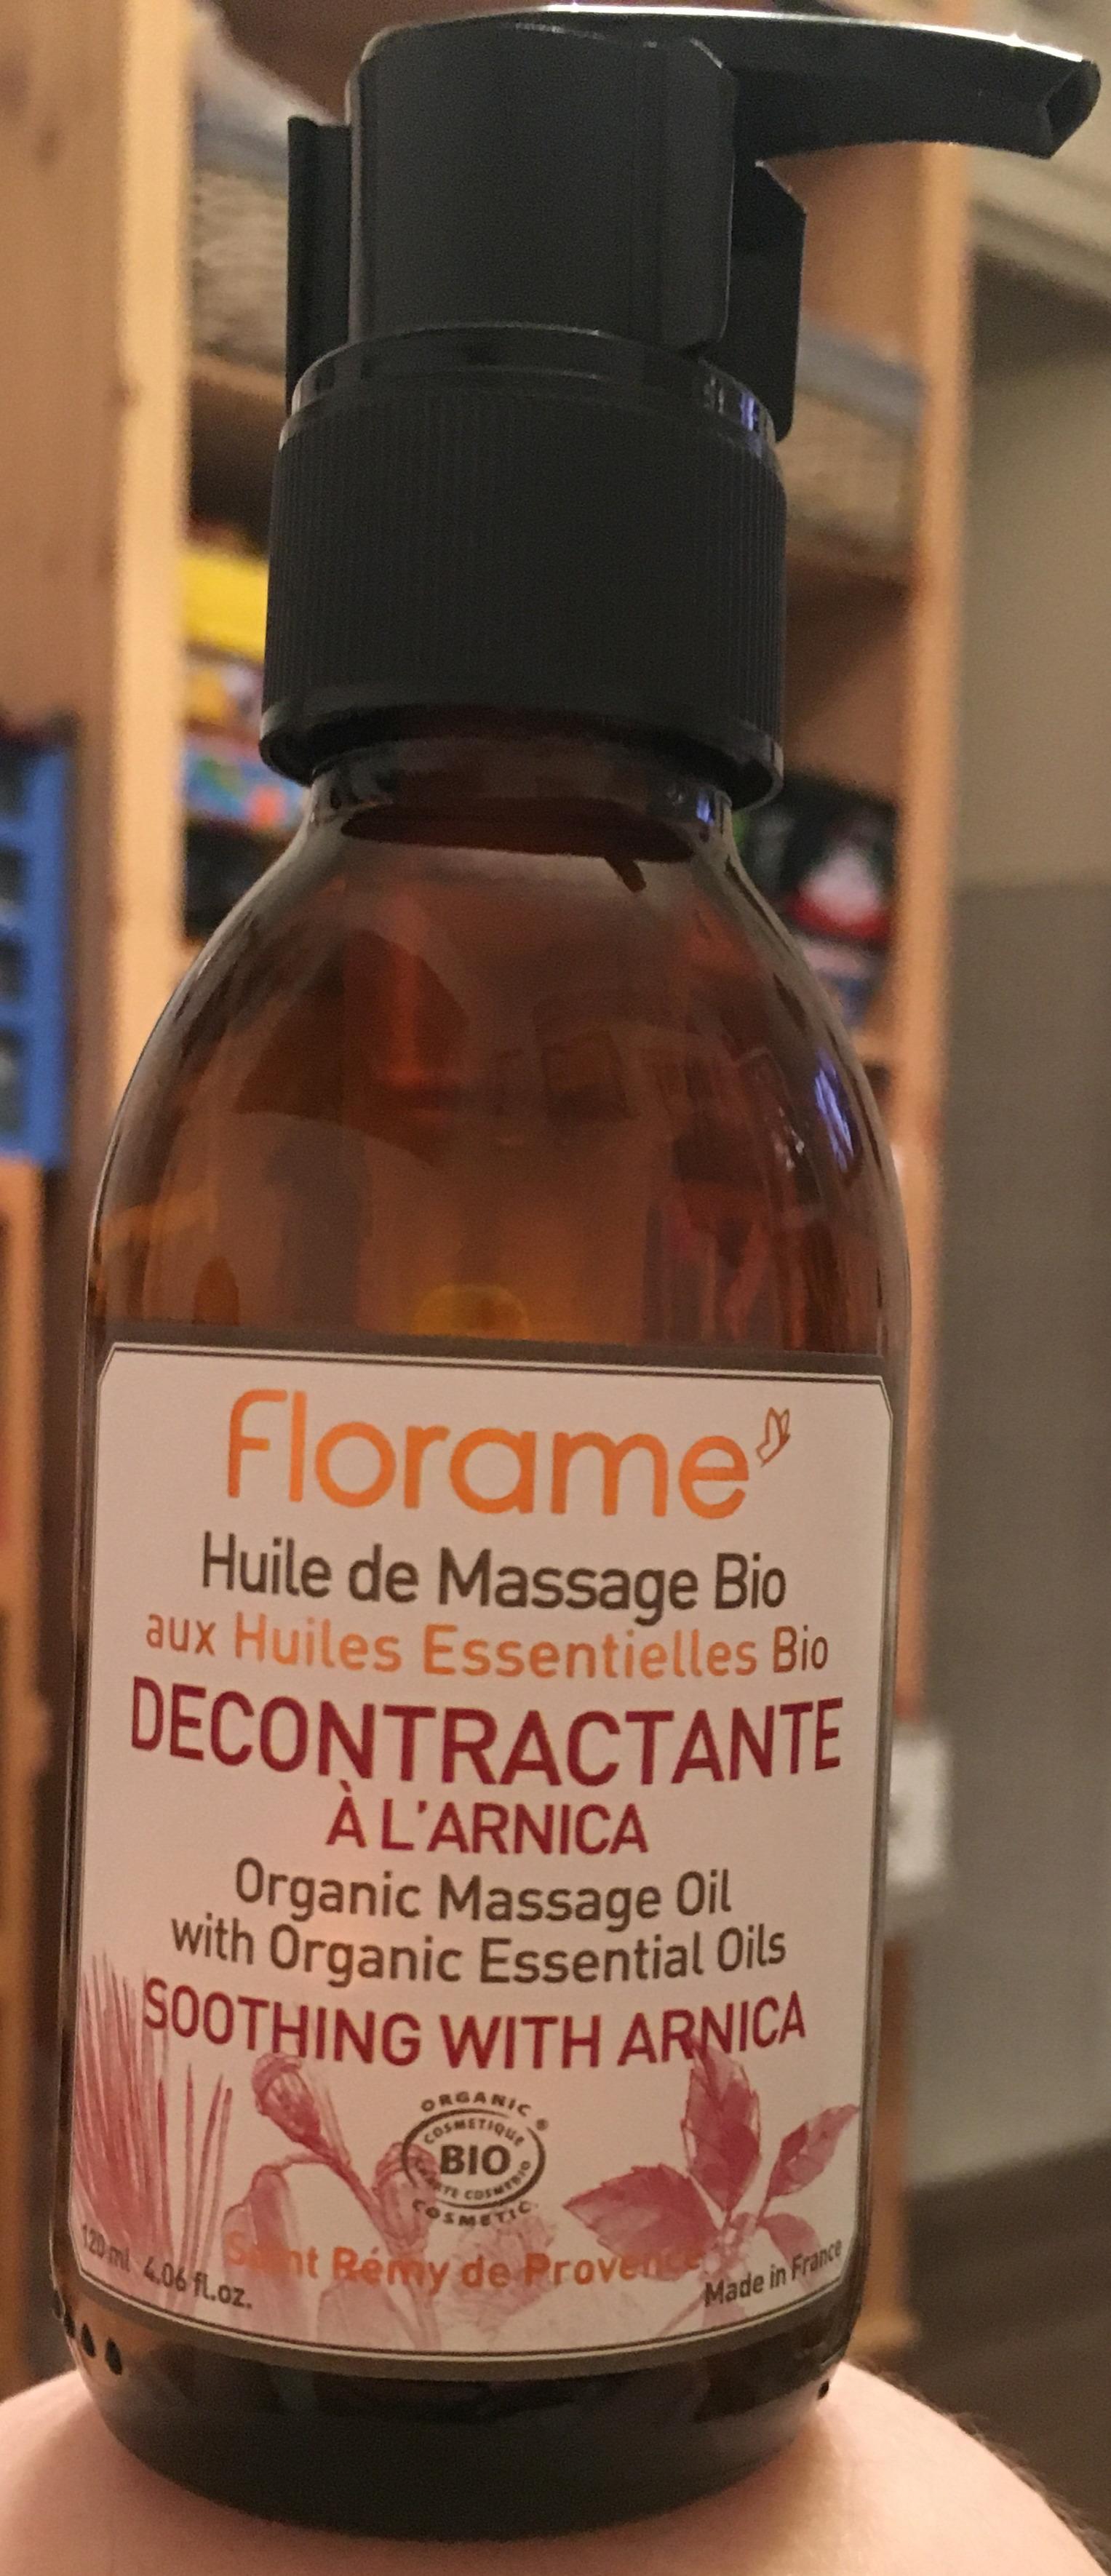 J'ai testé pour vous florame - huile de massage bio décontractante